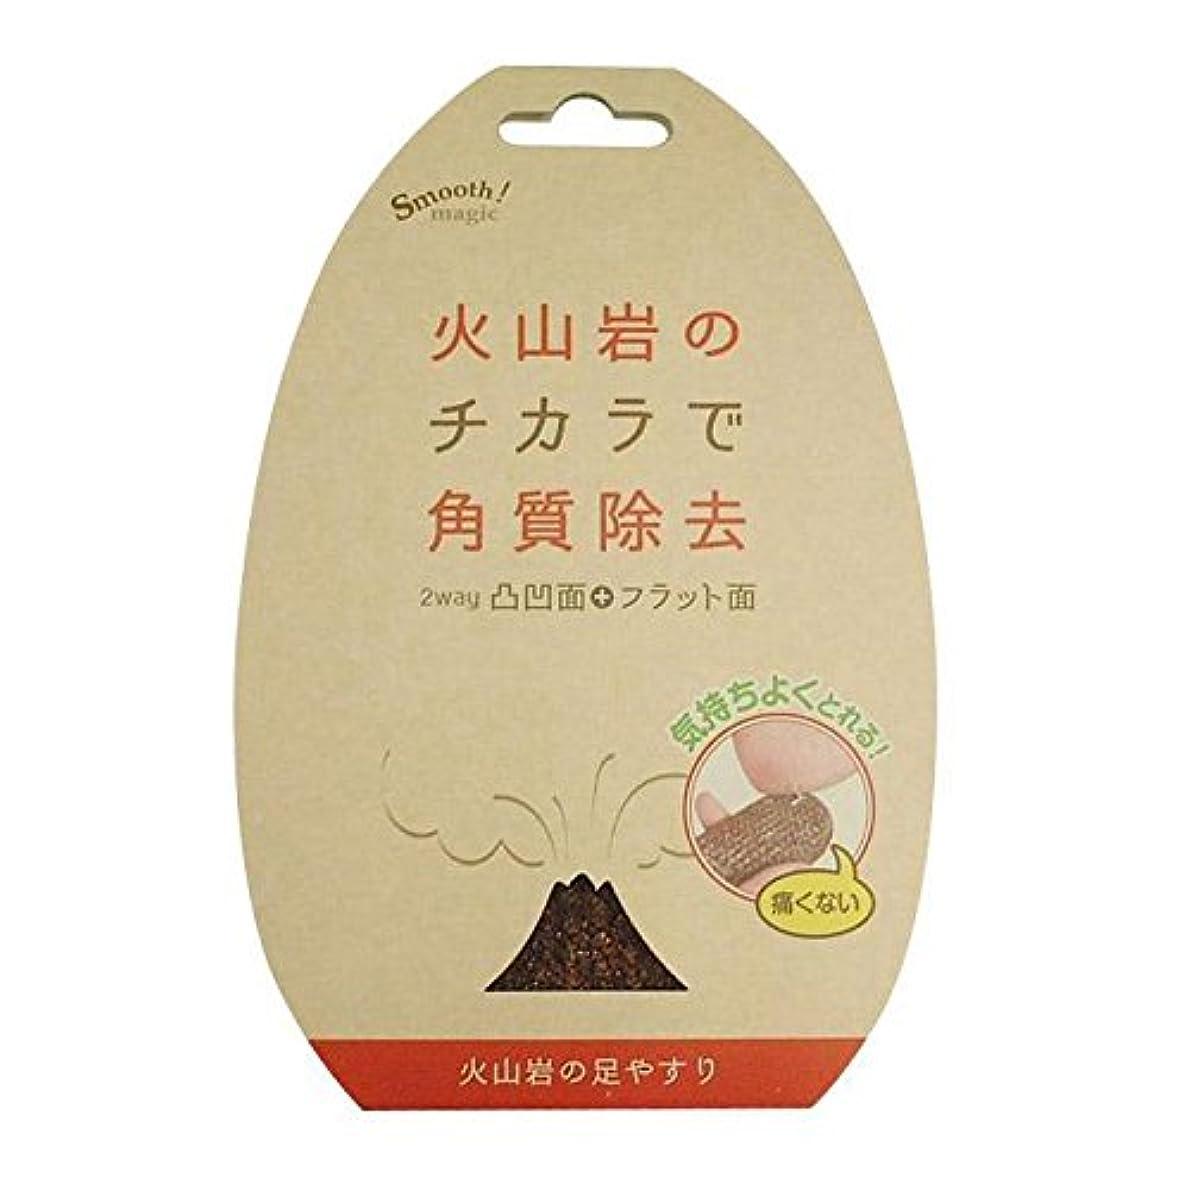 二十日光ゴミ箱ラッキーウィンク 火山岩の足やすり KAY800